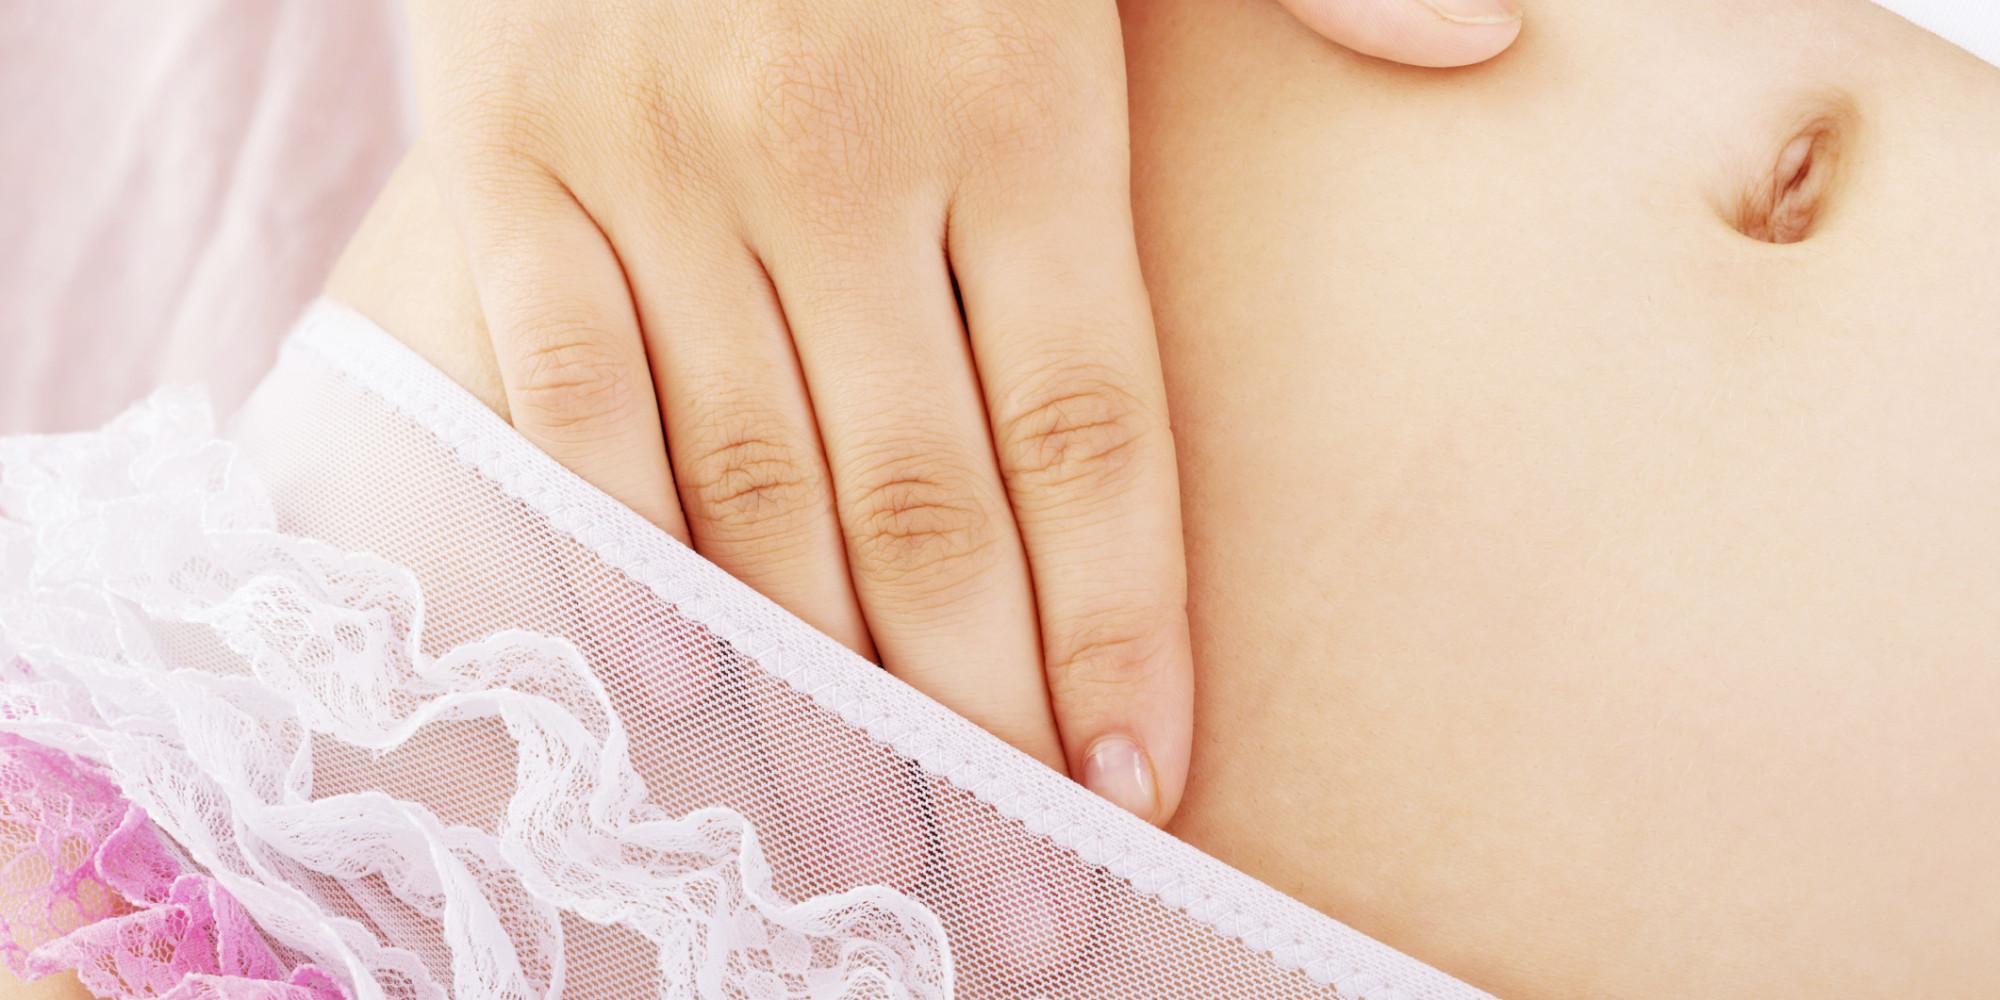 sei ragazze nude immagini masturbazione f